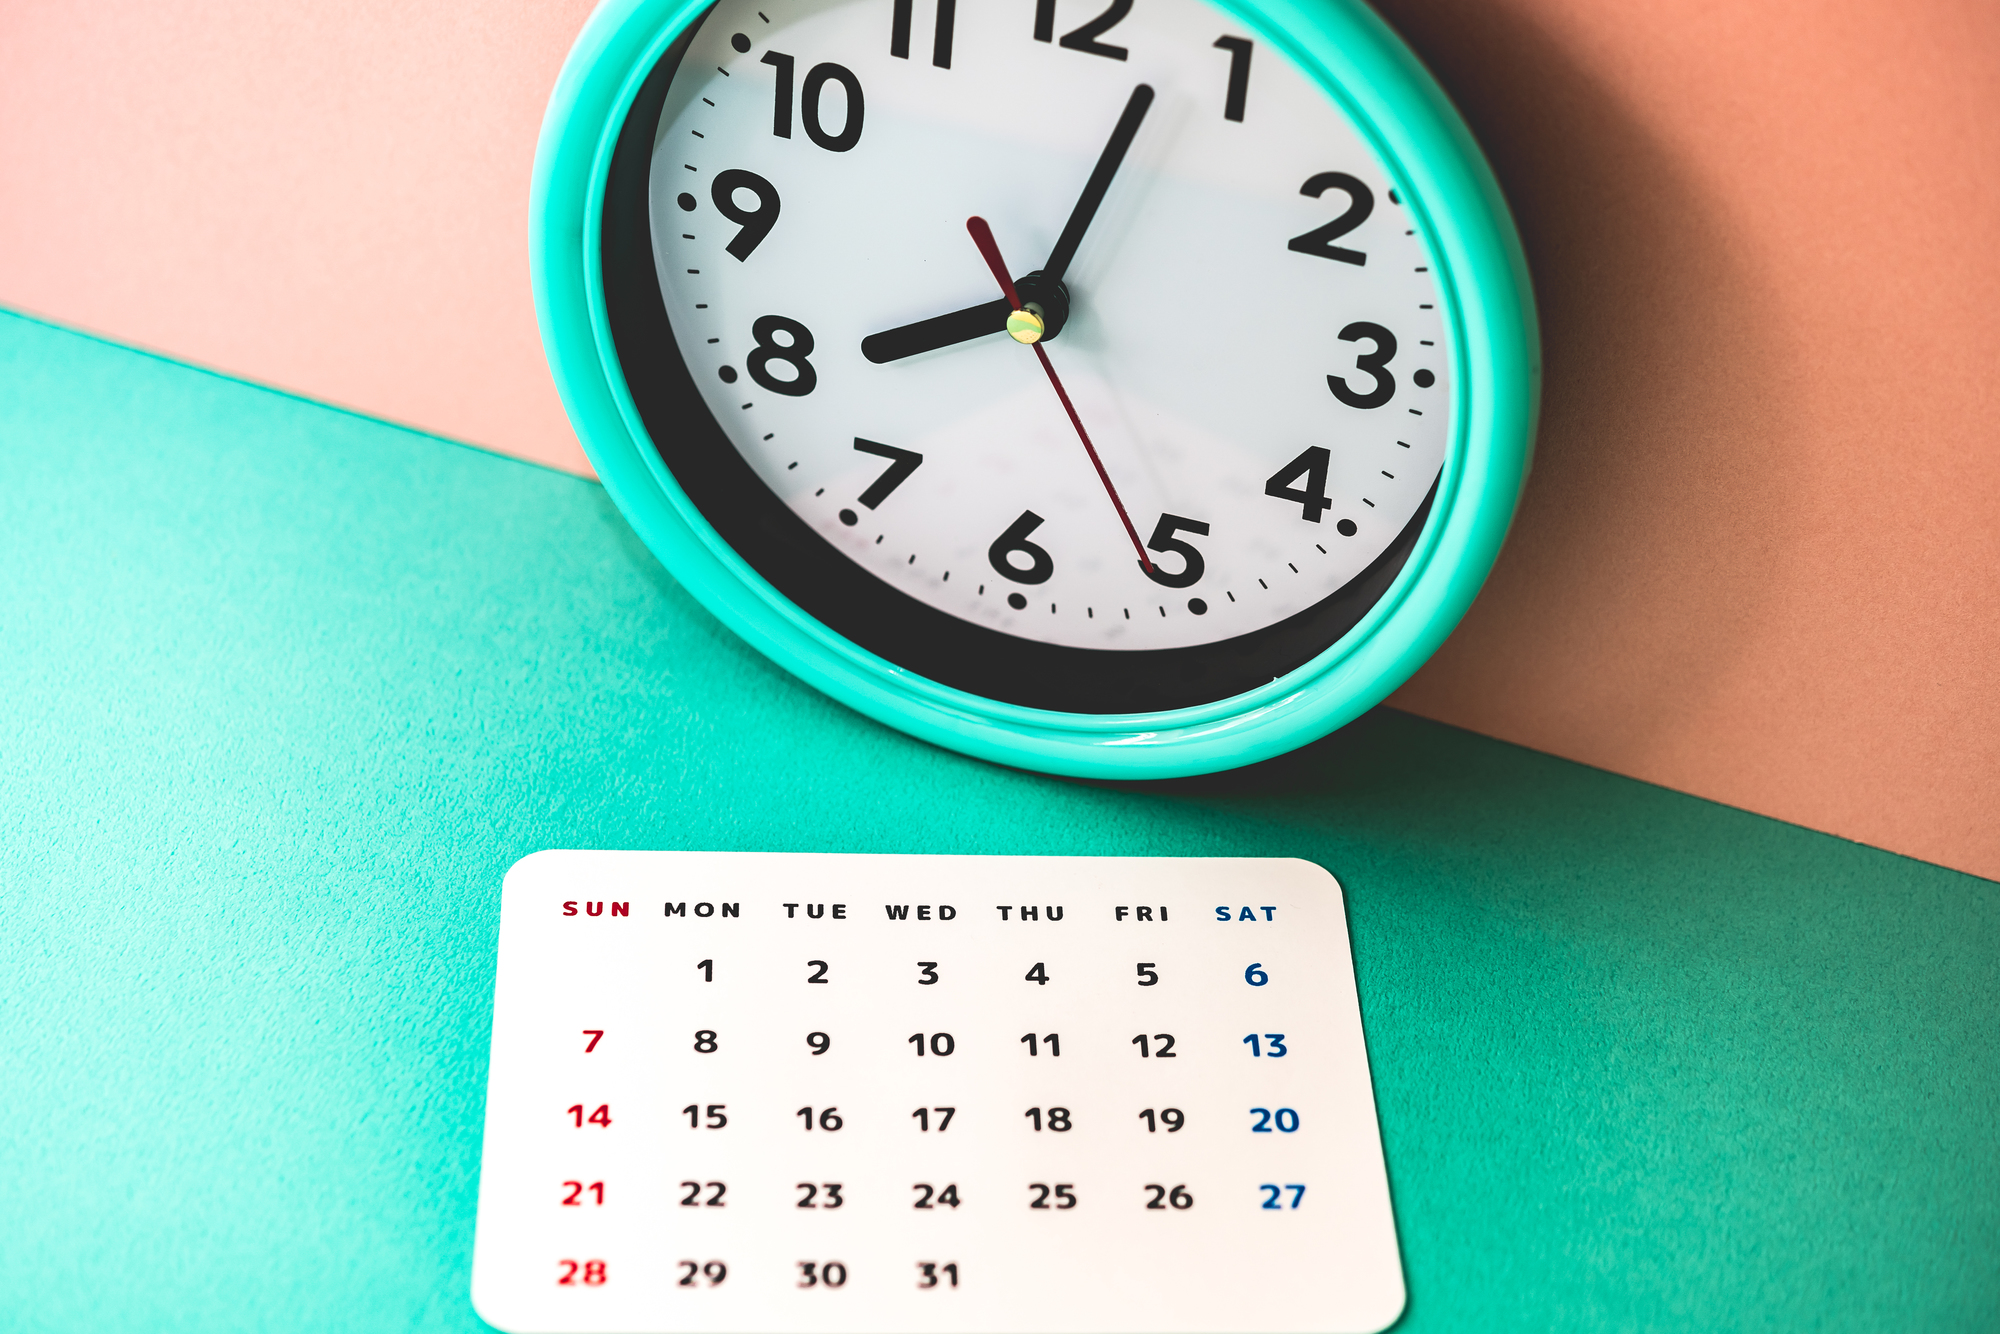 カレンダーと時計のイメージ